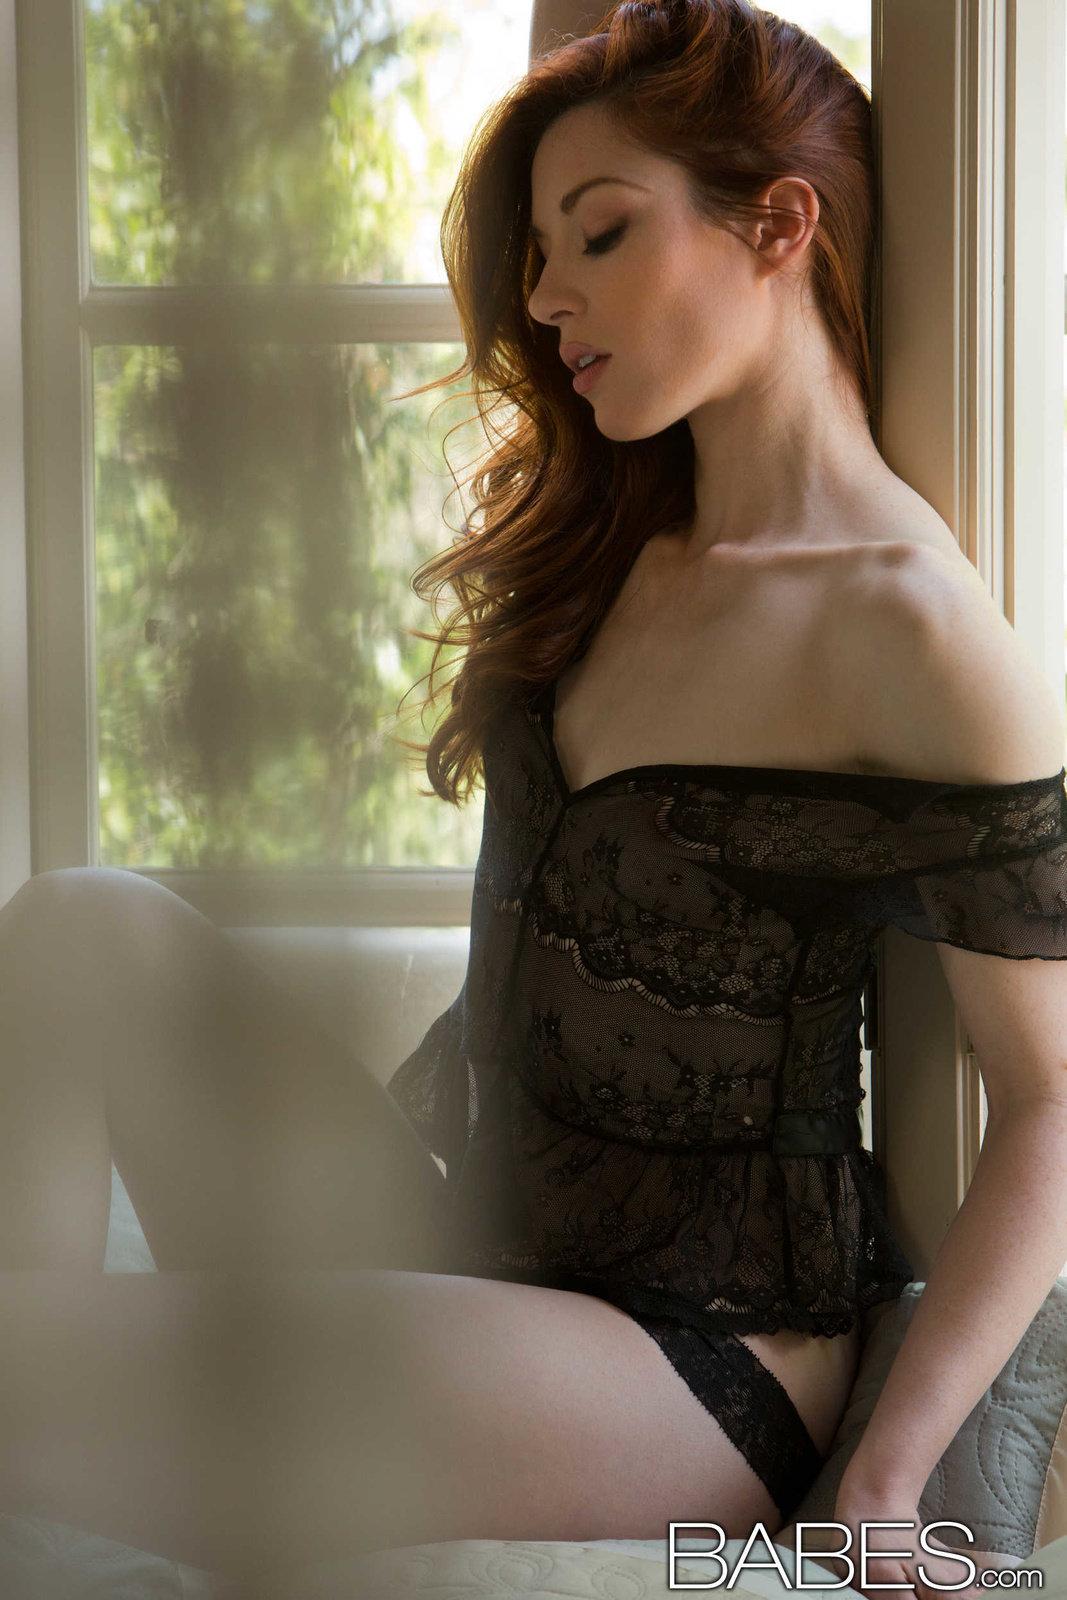 Babes stoya black lingerie